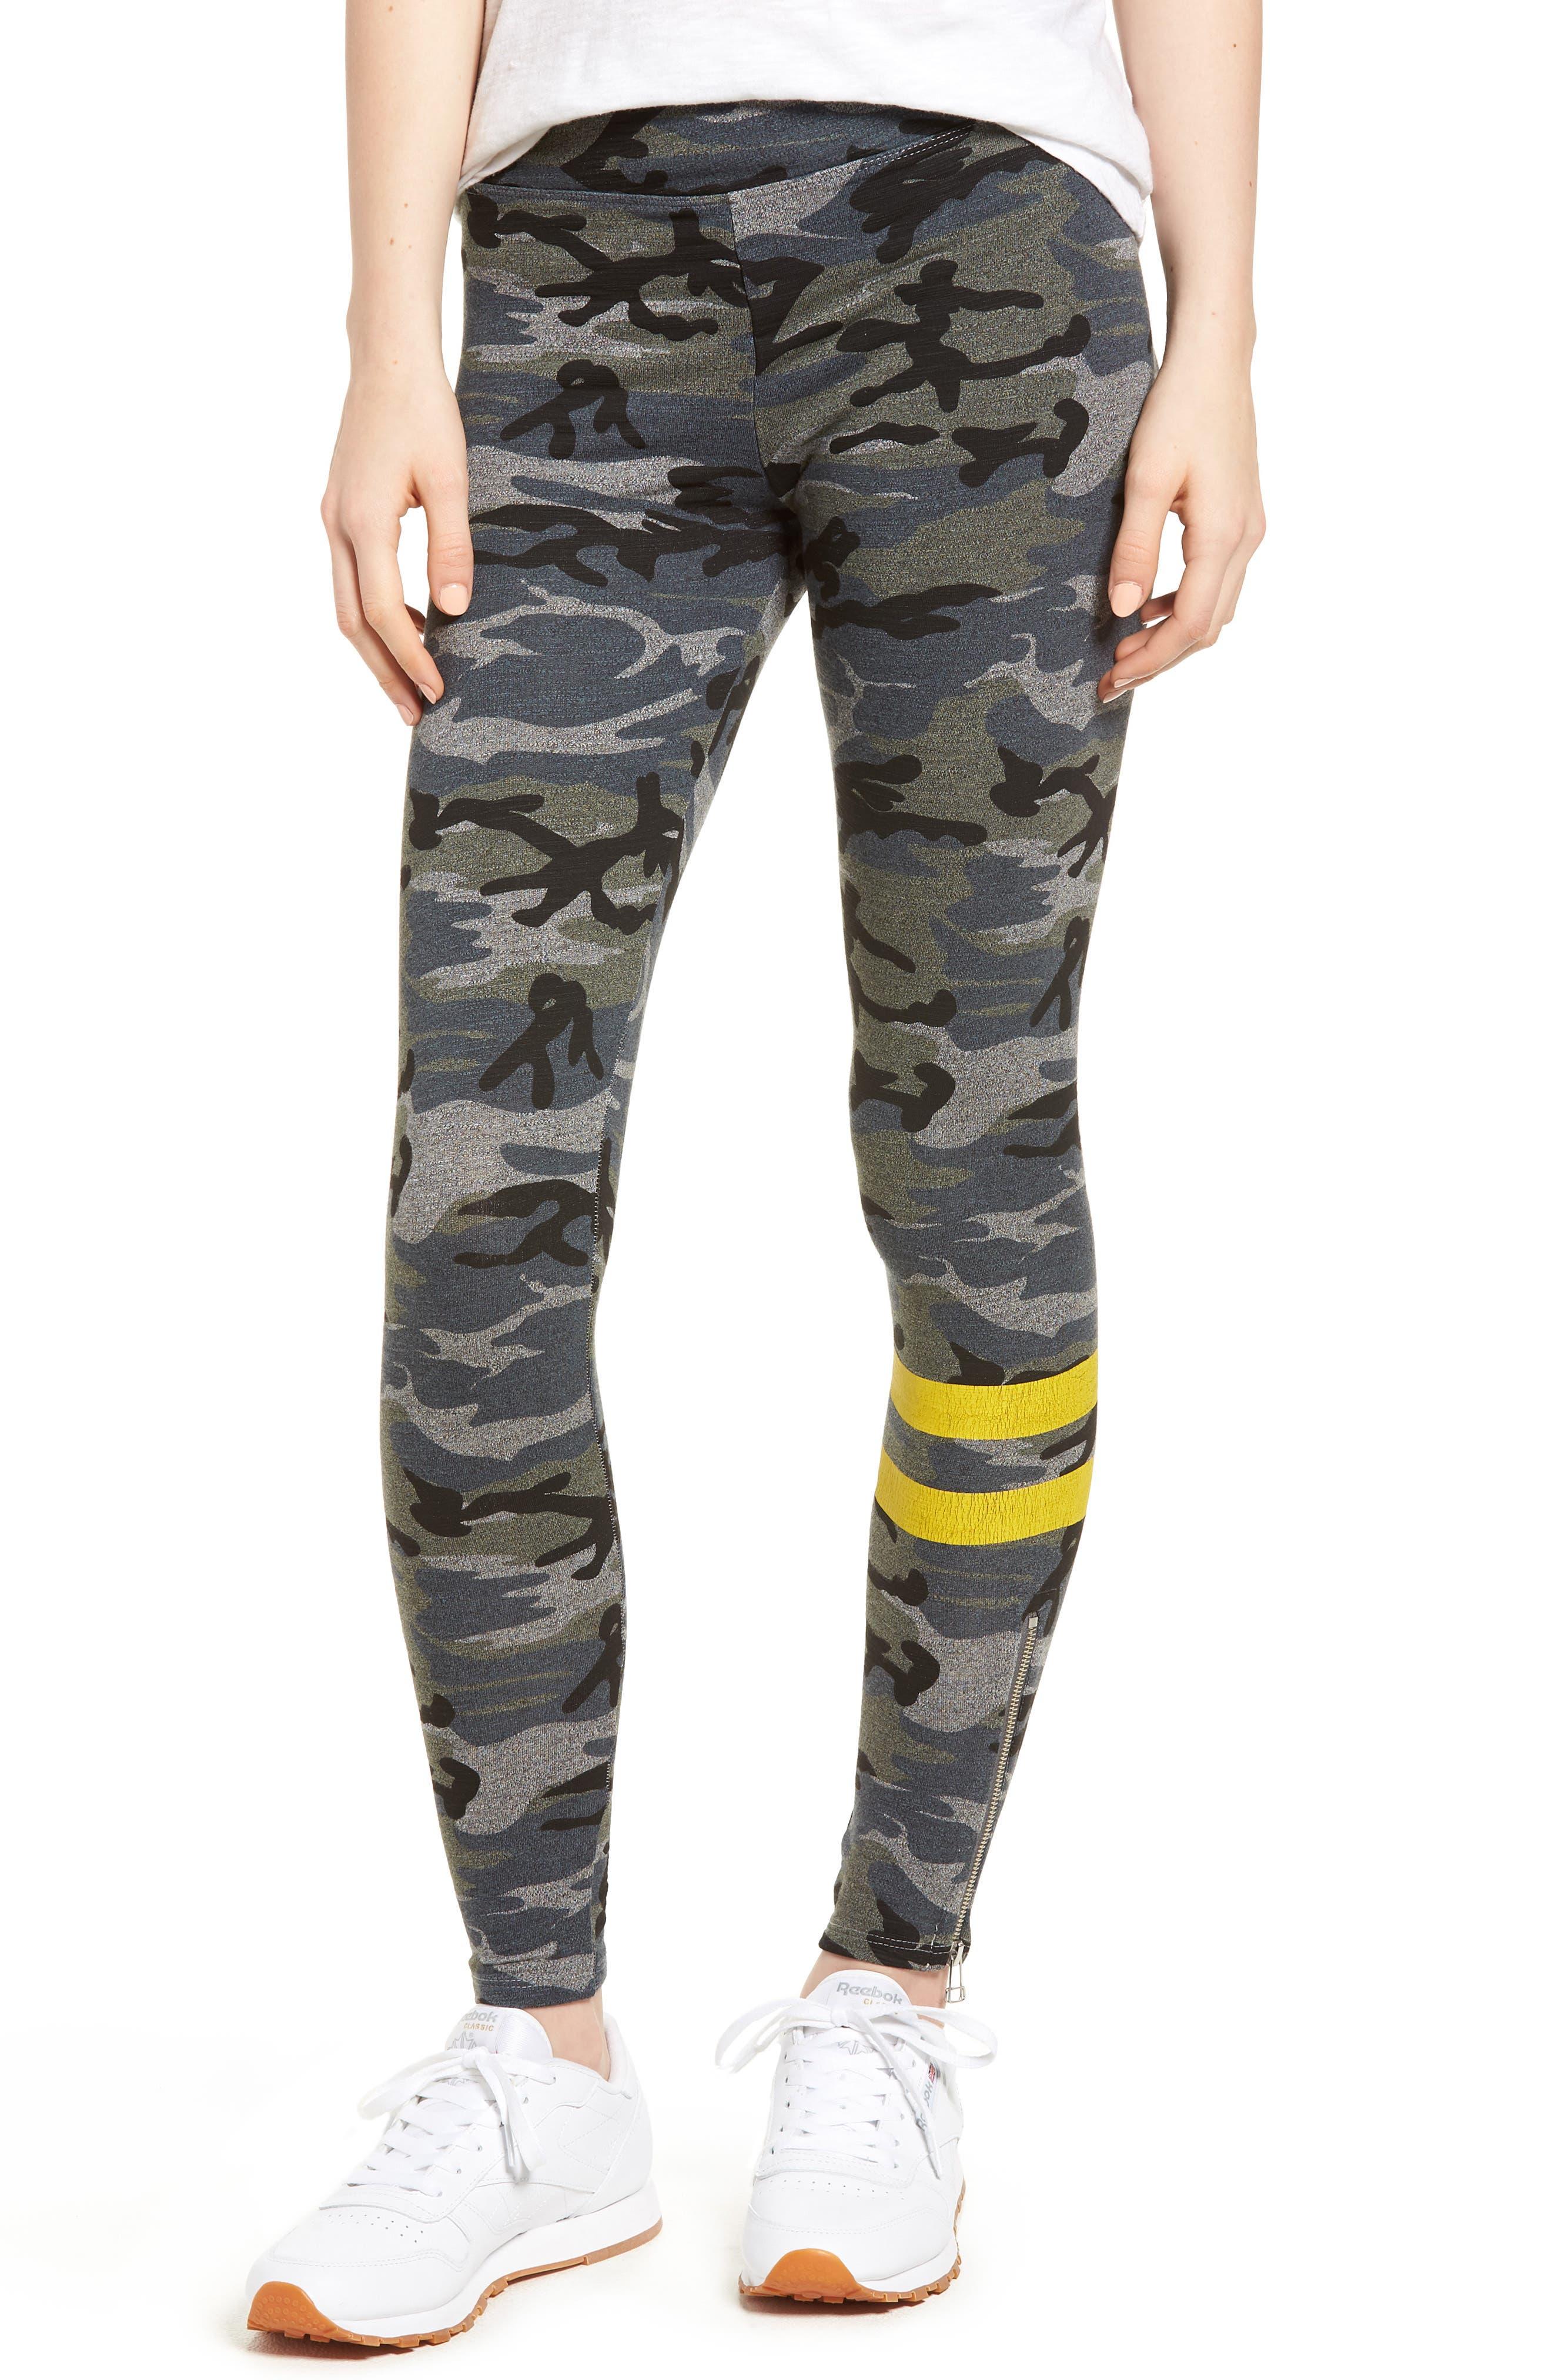 Stripe Camo Yoga Pants,                             Main thumbnail 1, color,